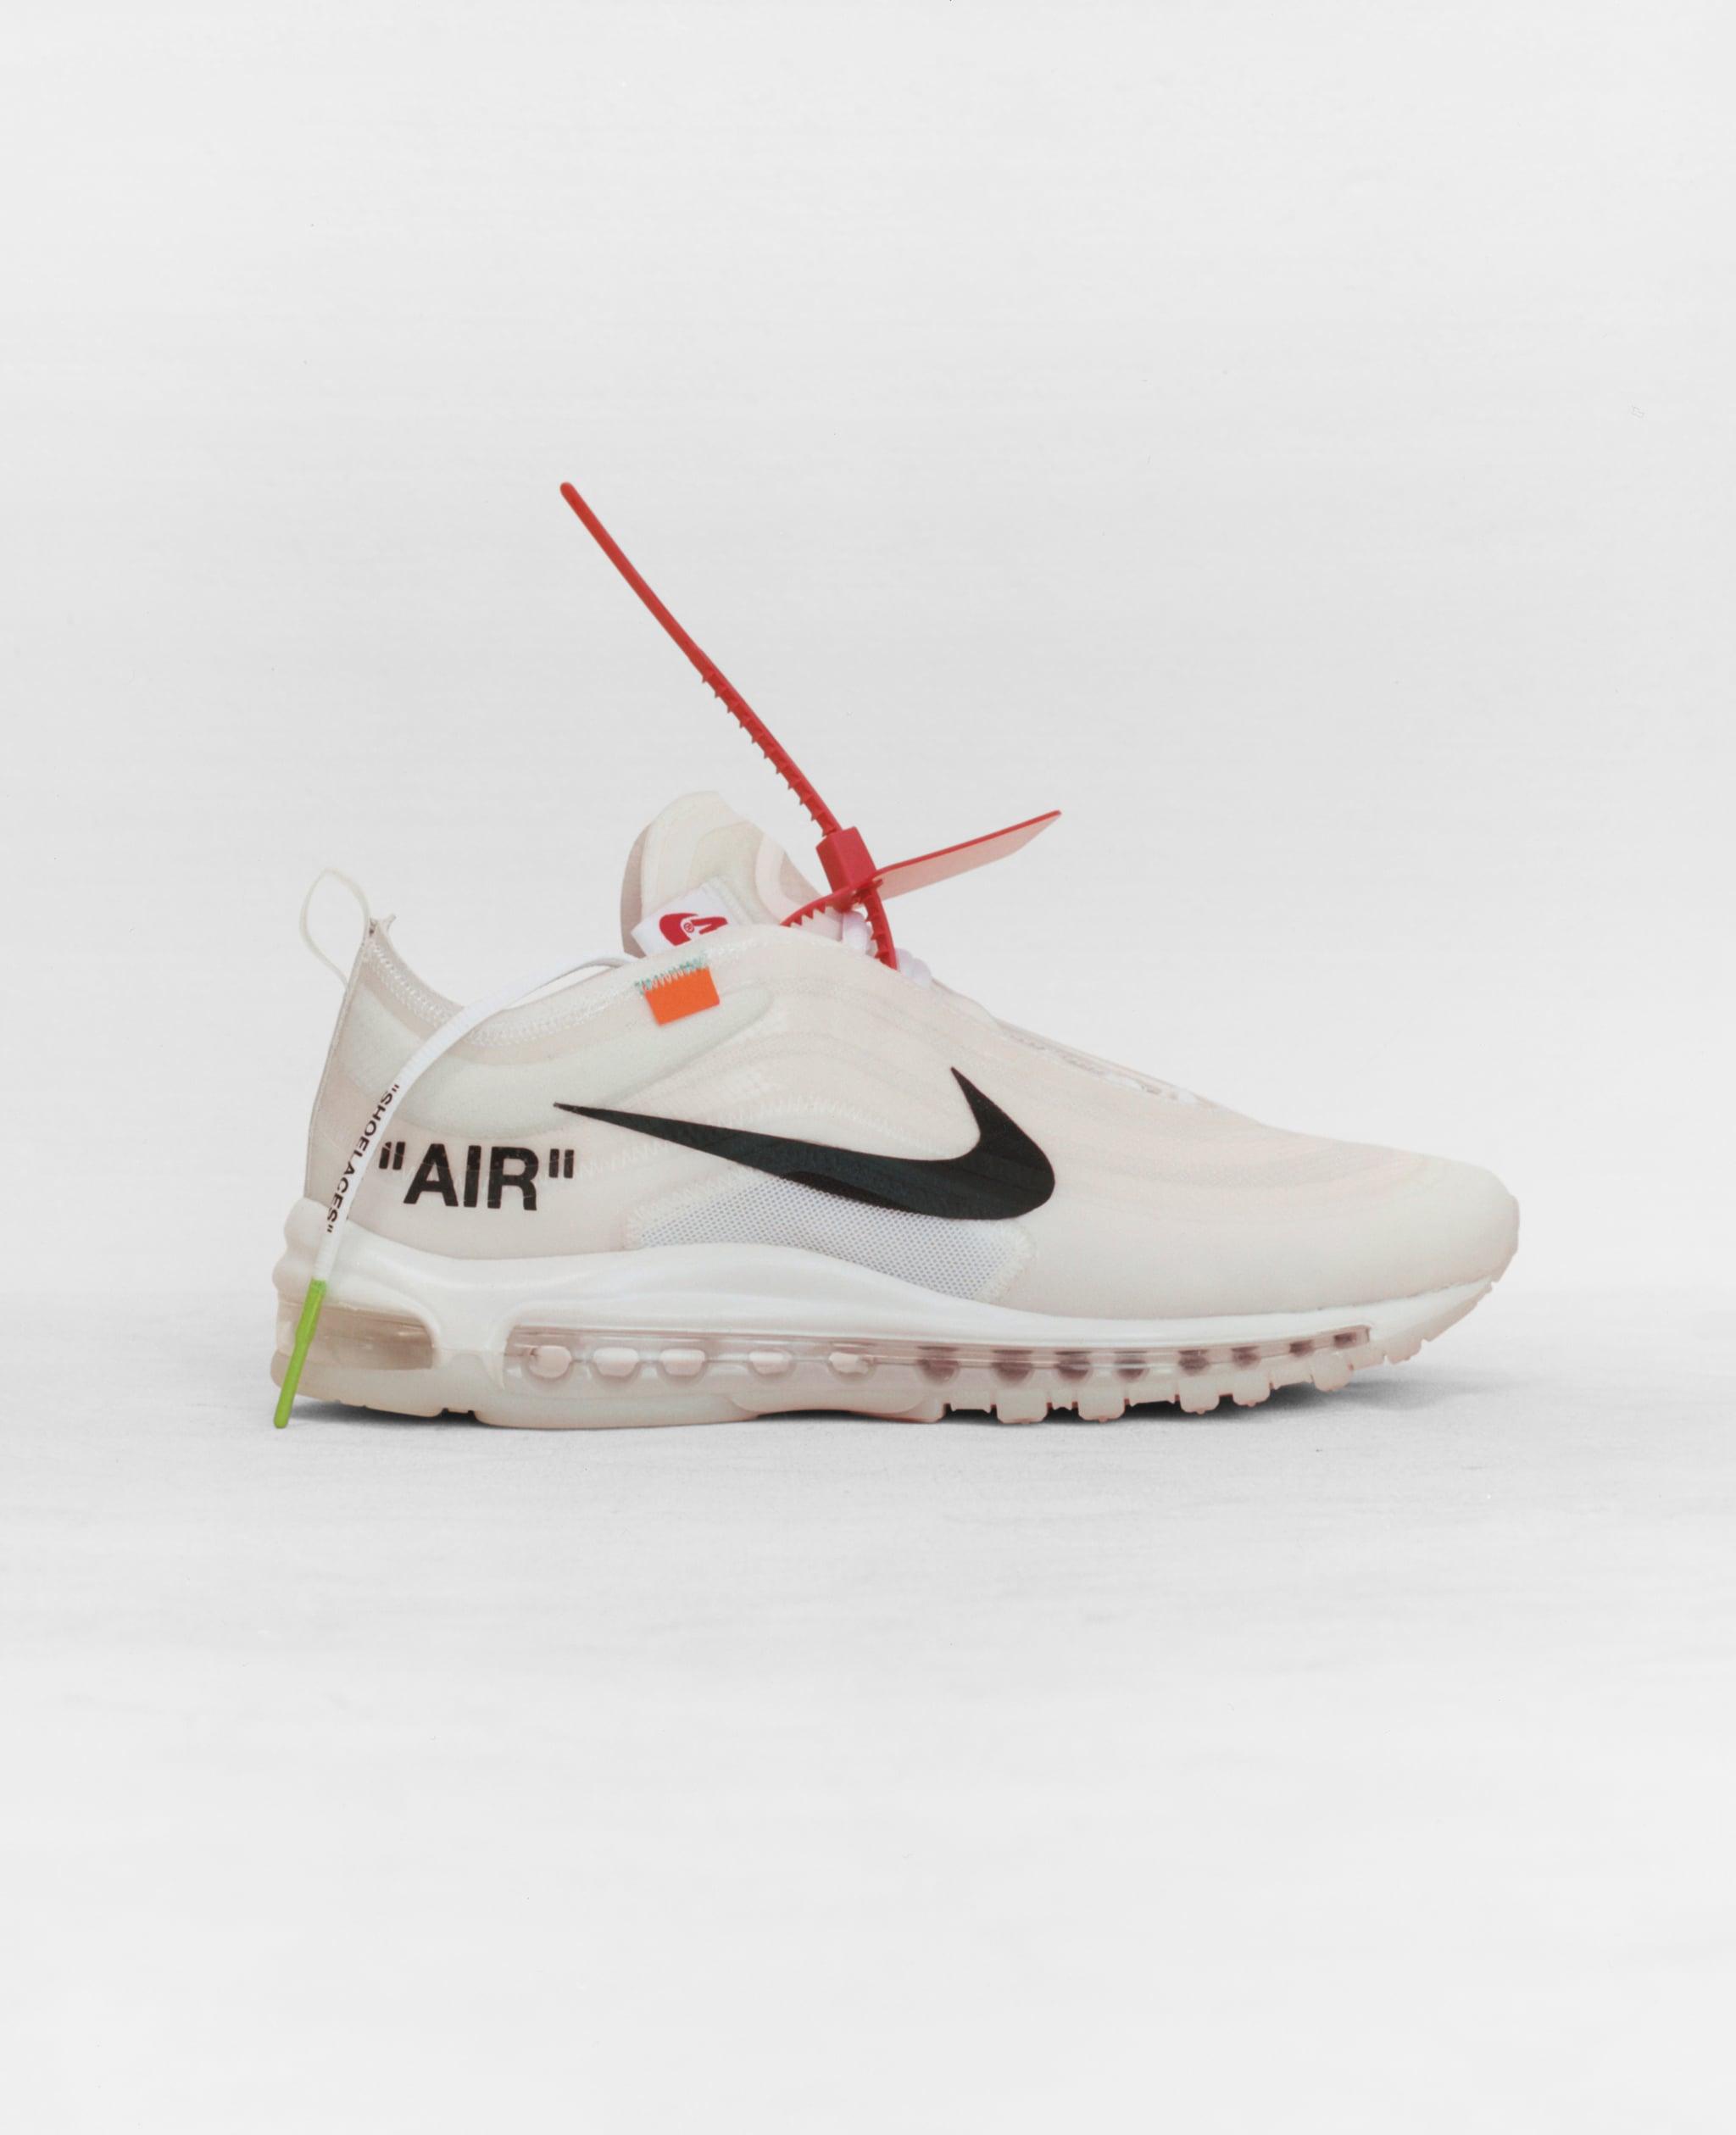 Nike Air Max 97 x Virgil Abloh   If